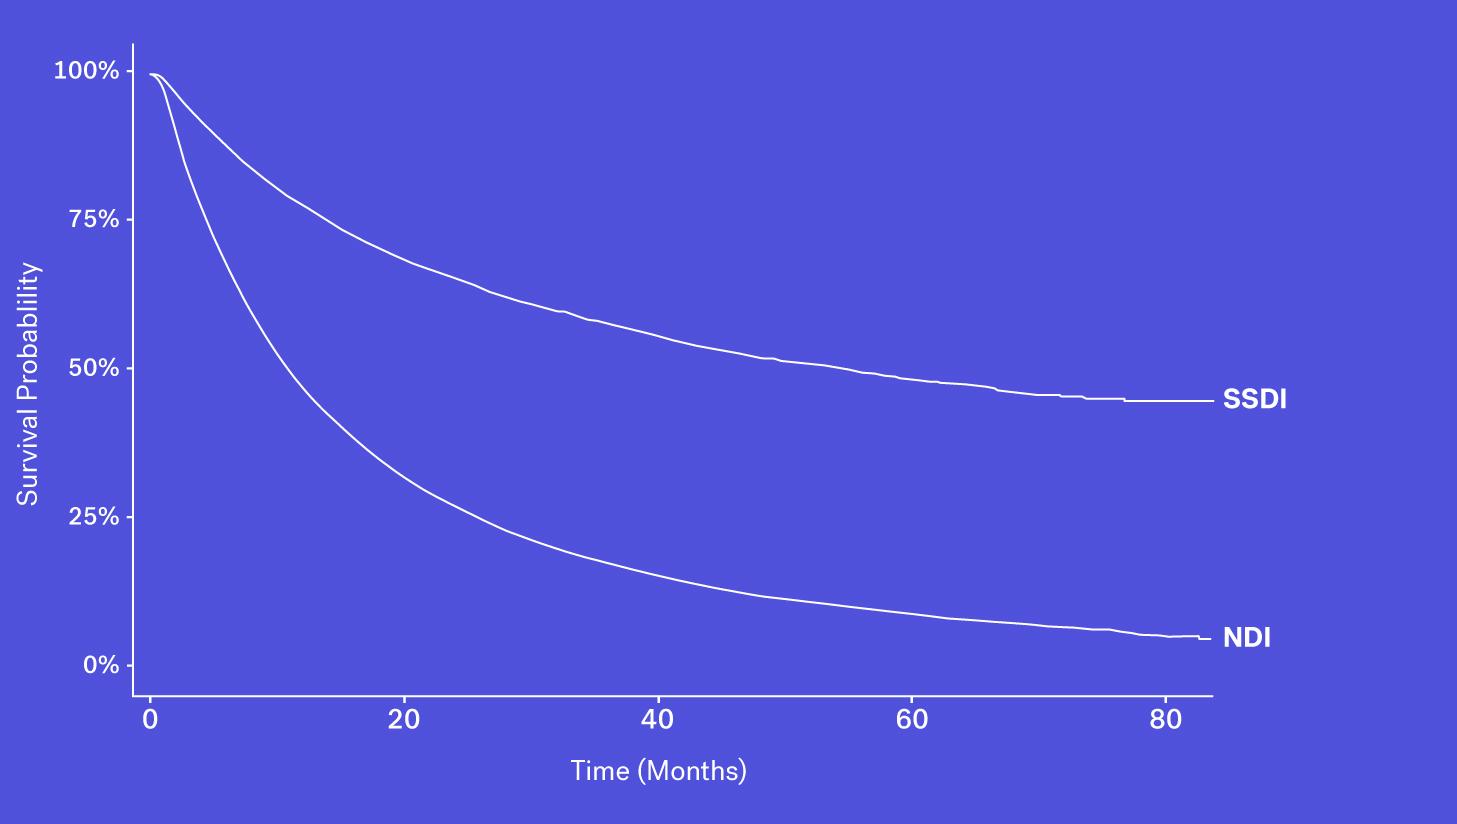 Flatiron_Mortality_Variable_SSDI-mobile-04